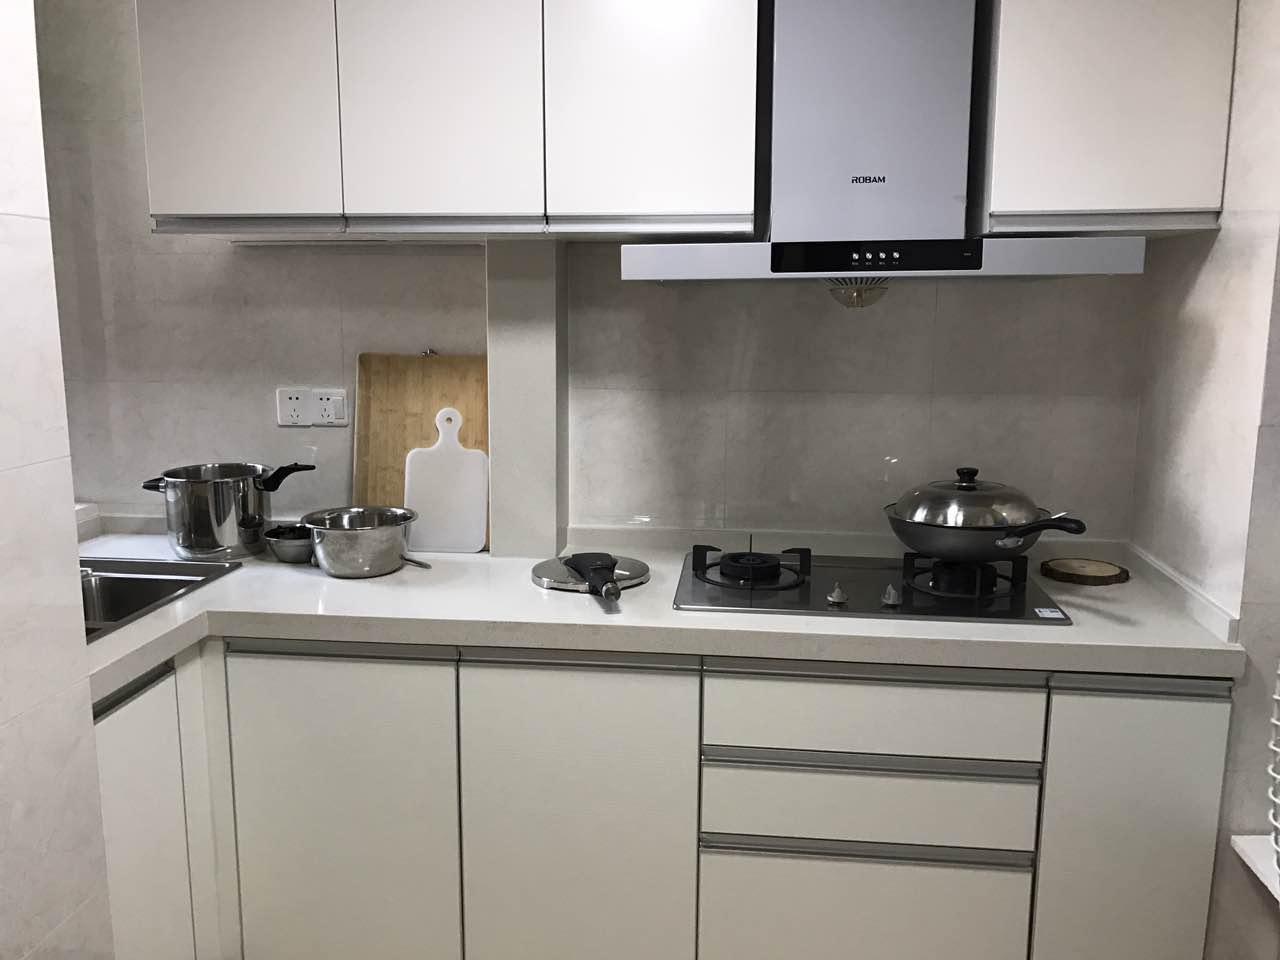 爱空间标配的厨房,实用大方。